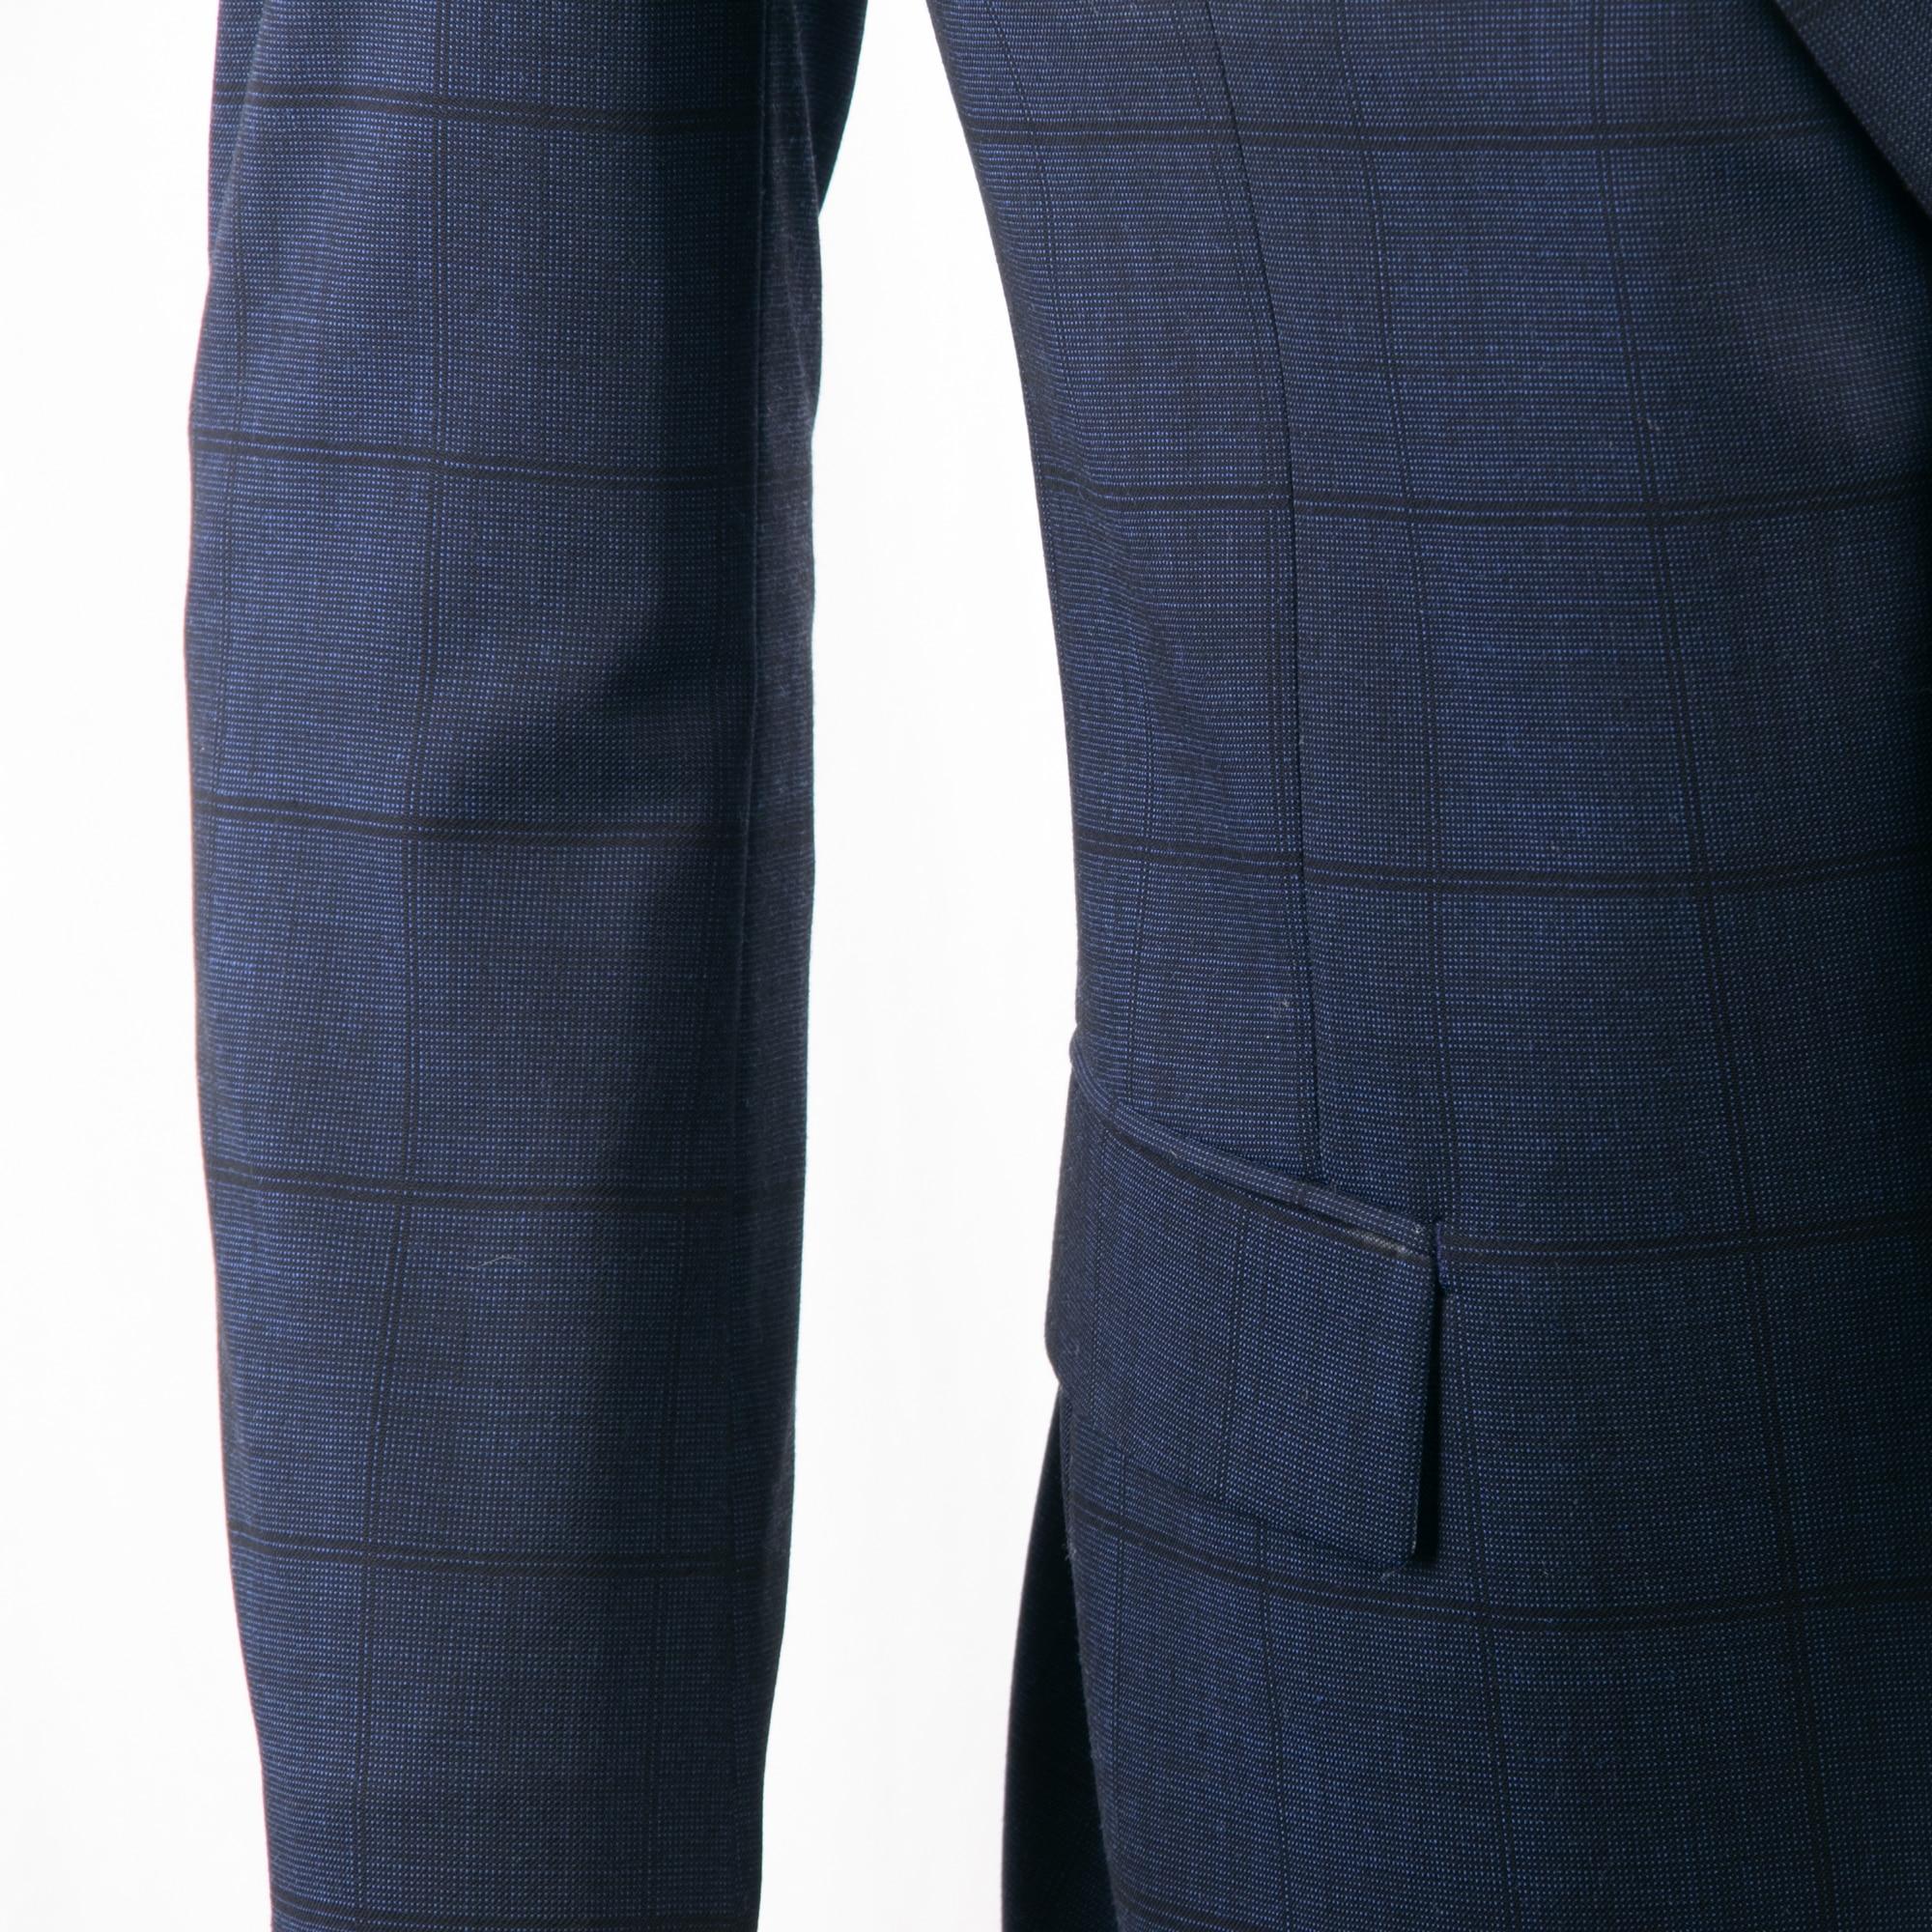 Smart Casual Navy Plaid Anzug Nach Maß Slim Fit Dunkelblau Windowpane Anzüge Mit Nailhead Muster, subtile Plaid Wolle Mischung Anzug-in Anzüge aus Herrenbekleidung bei  Gruppe 3